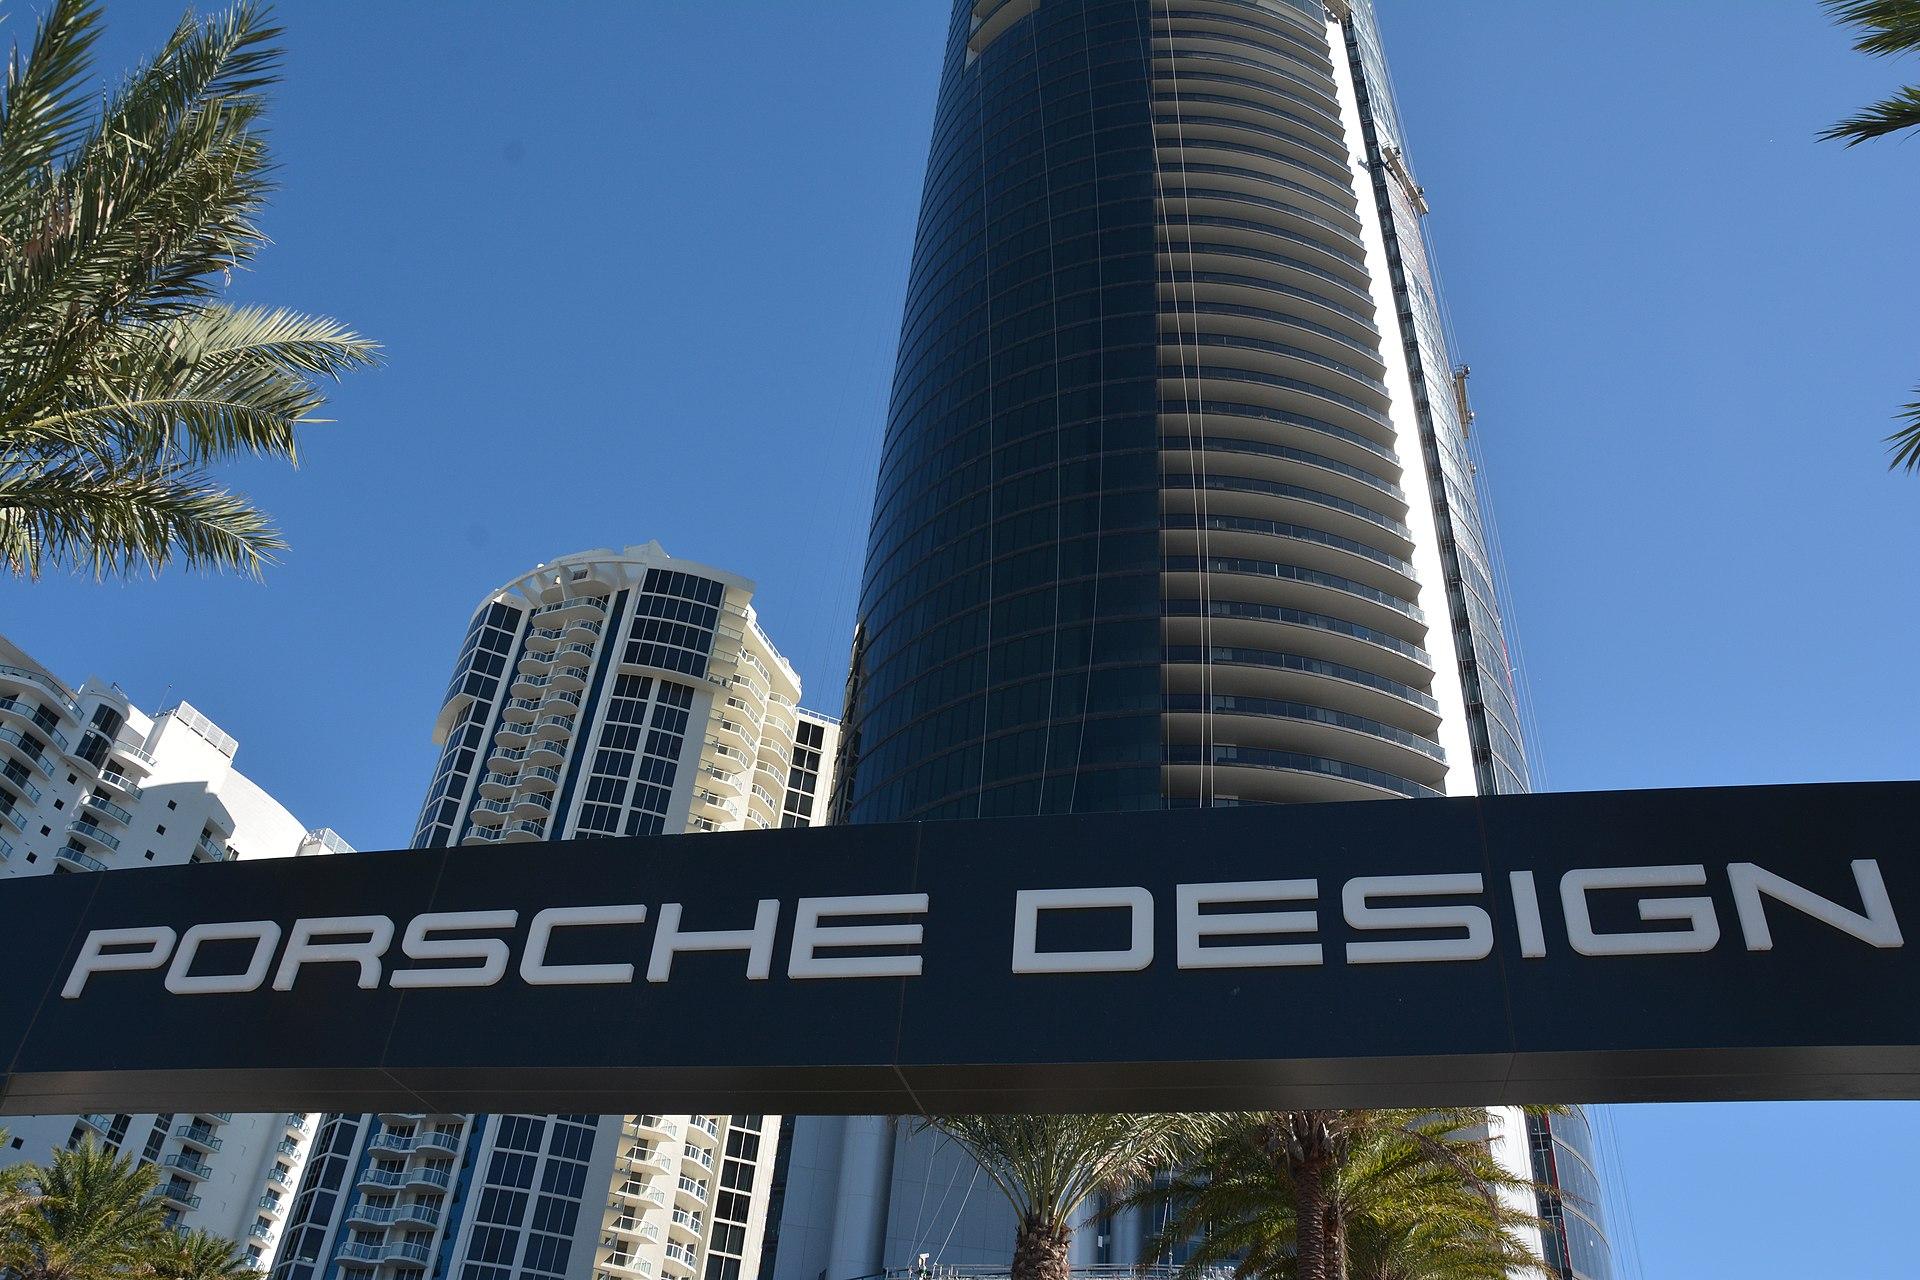 Porsche Design Tower Wikipedia